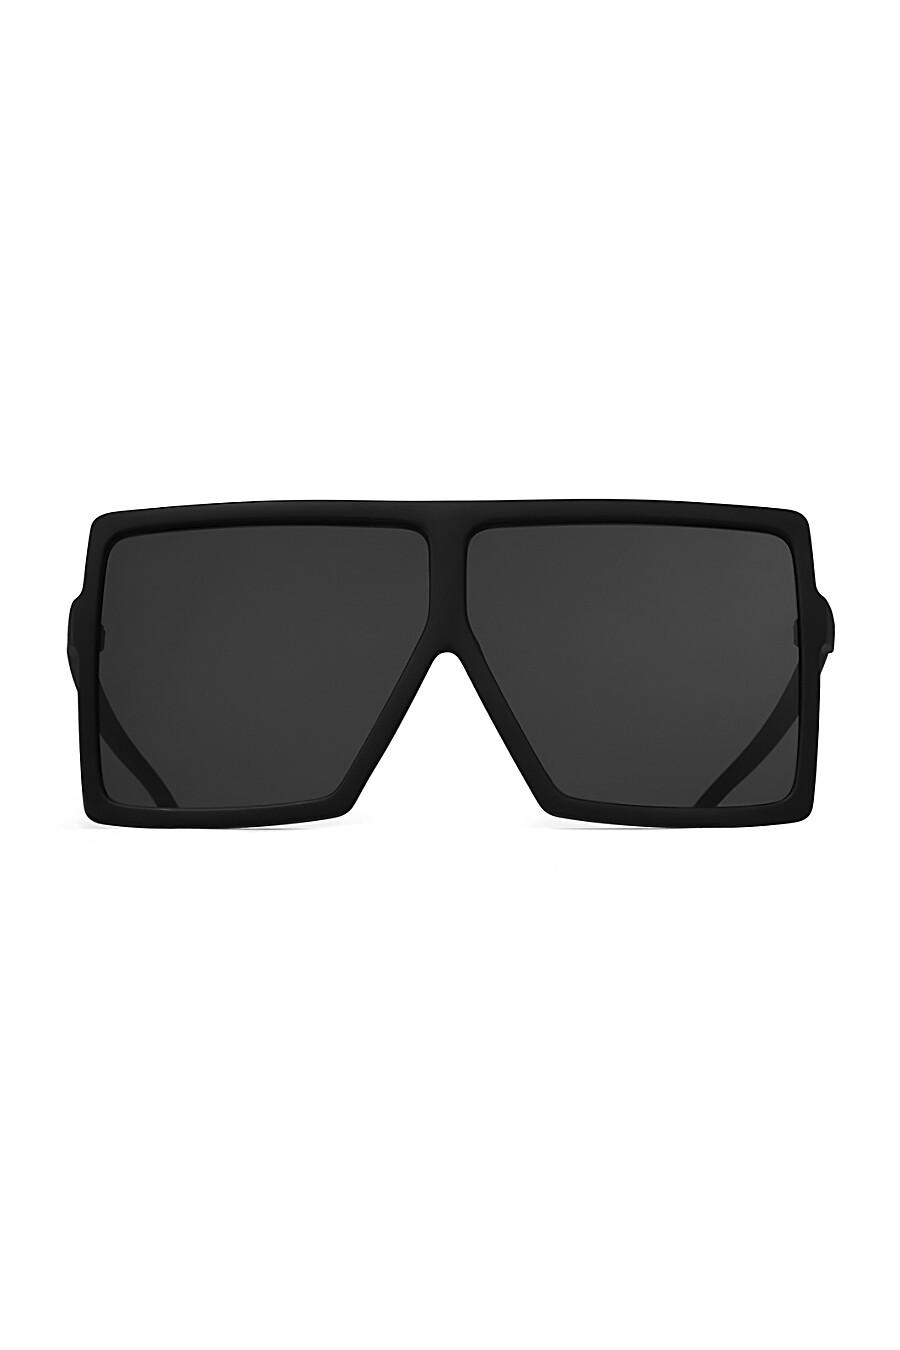 """Солнцезащитные очки """"Эон Флакс"""" для женщин Nothing Shop 204873 купить оптом от производителя. Совместная покупка женской одежды в OptMoyo"""